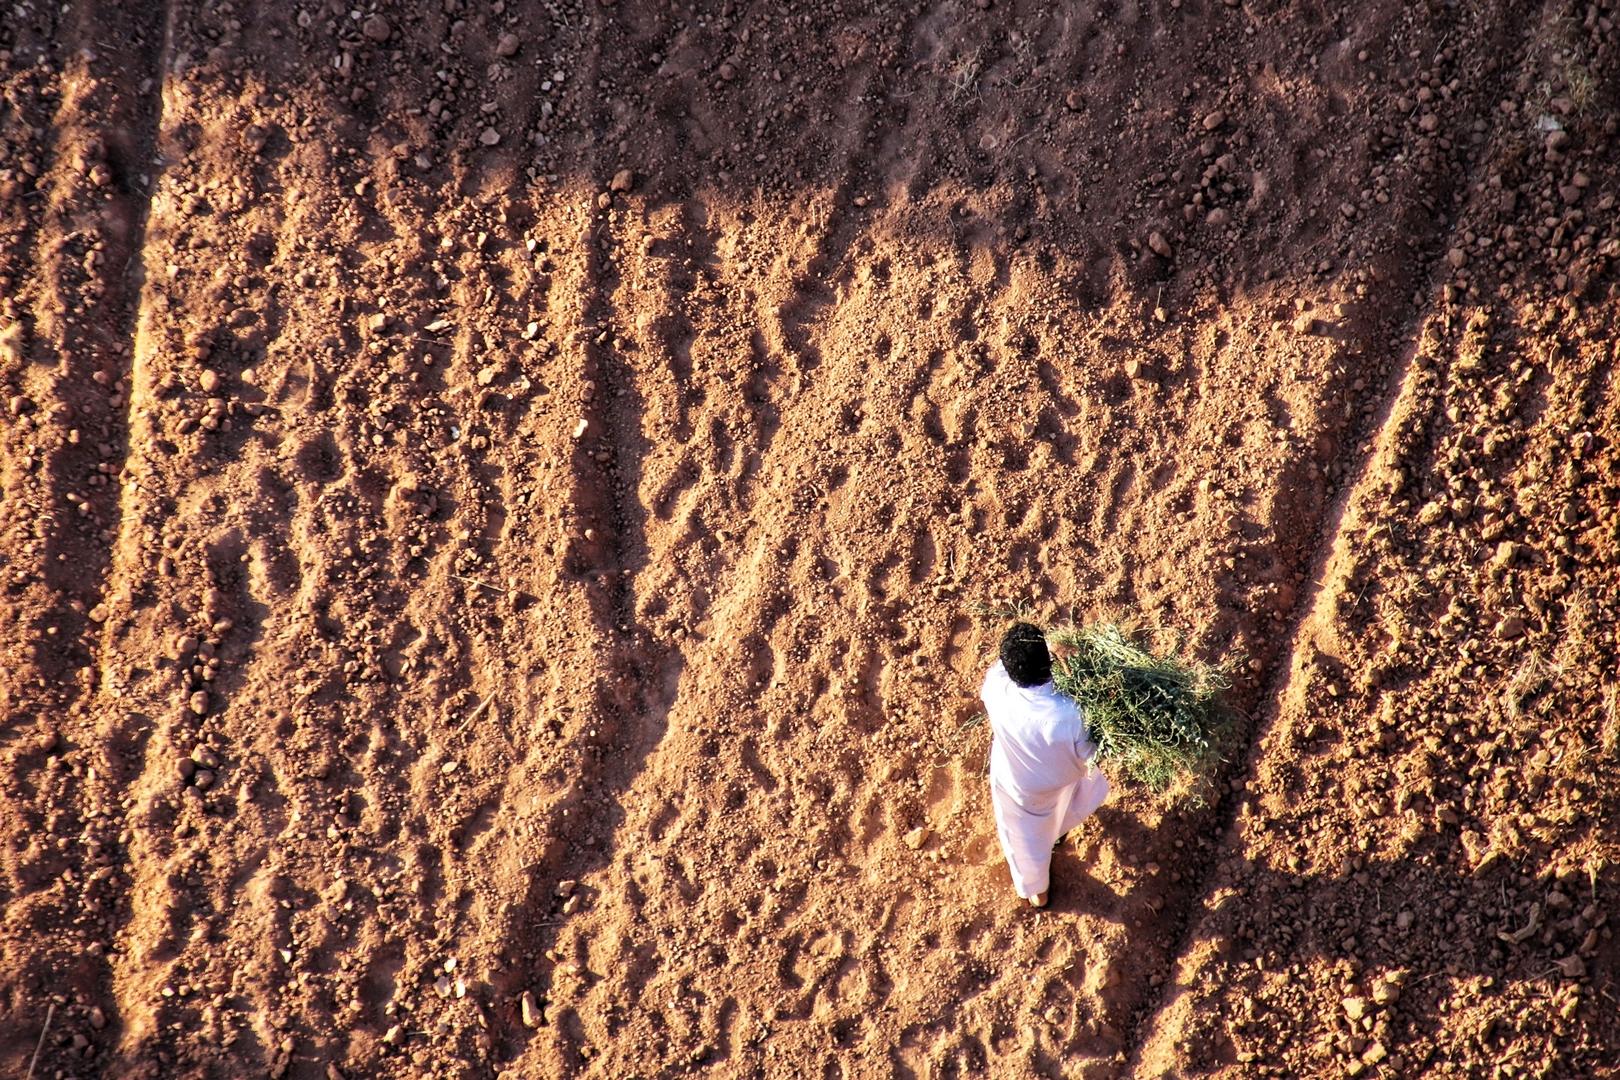 Jordanie - Bédouin cultivateur vu du ciel dans le désert de Wadi Rum